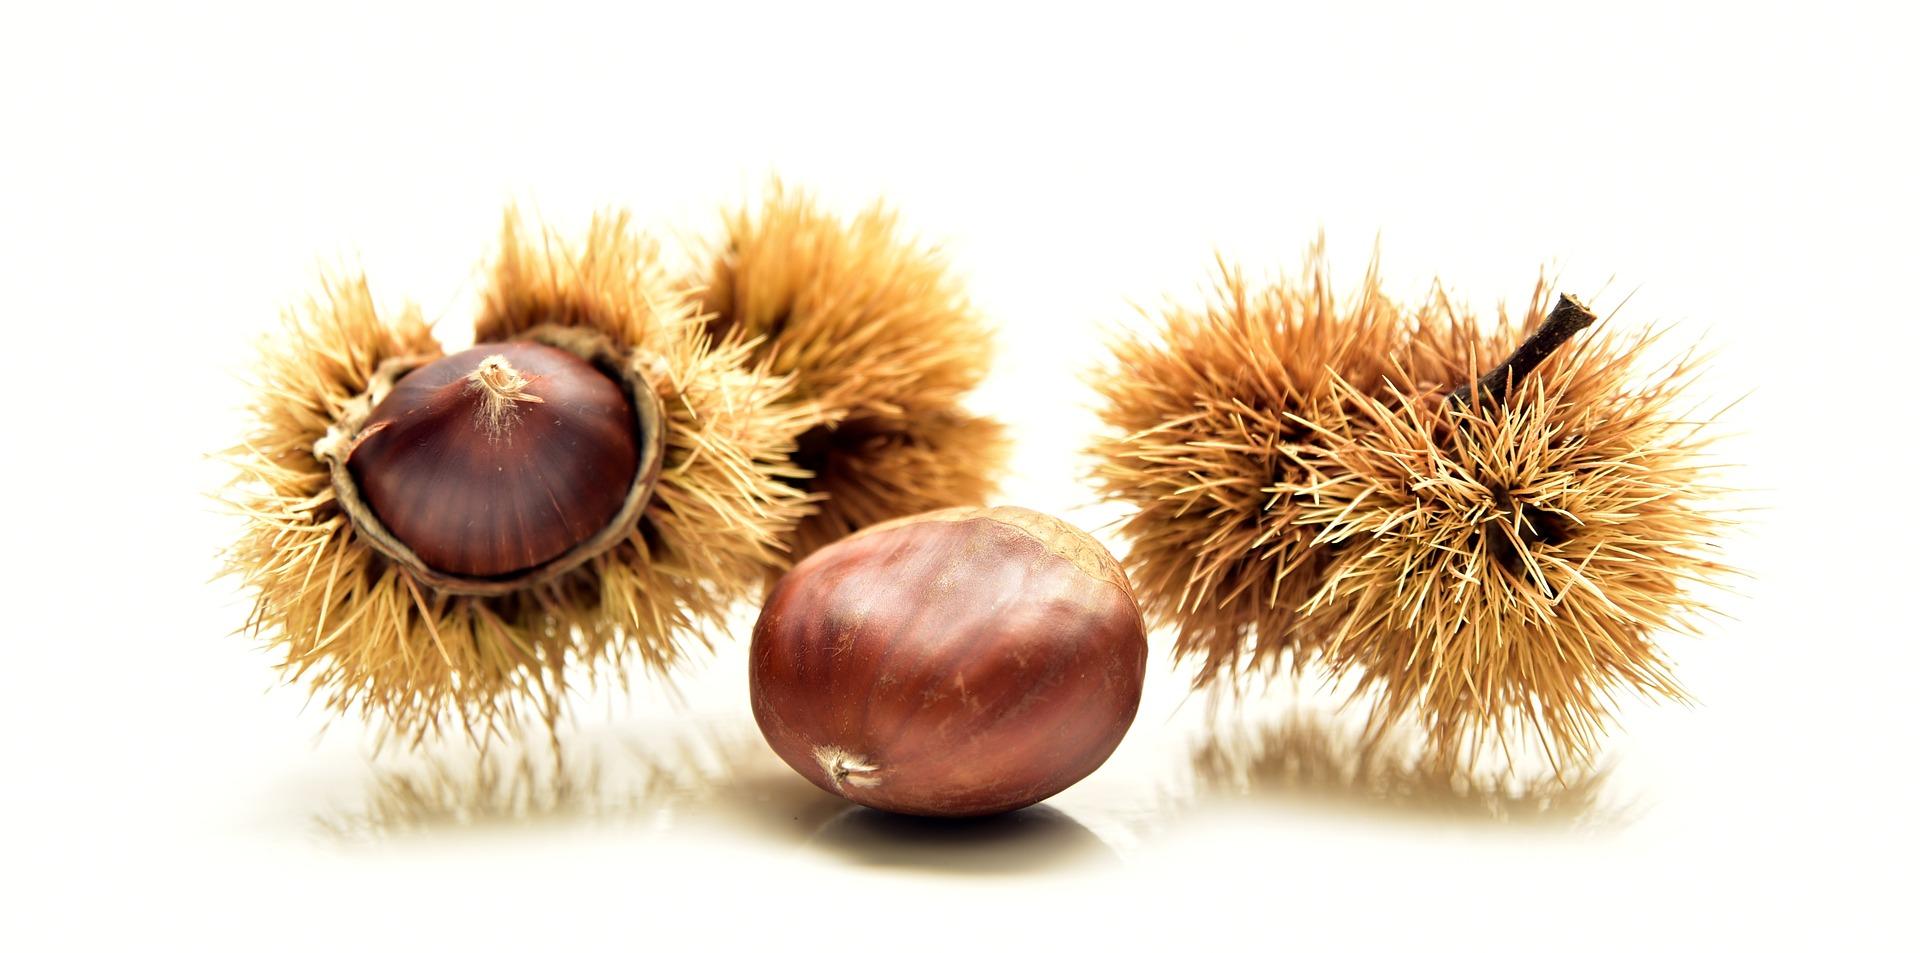 châtaigne fruit nutrition santé